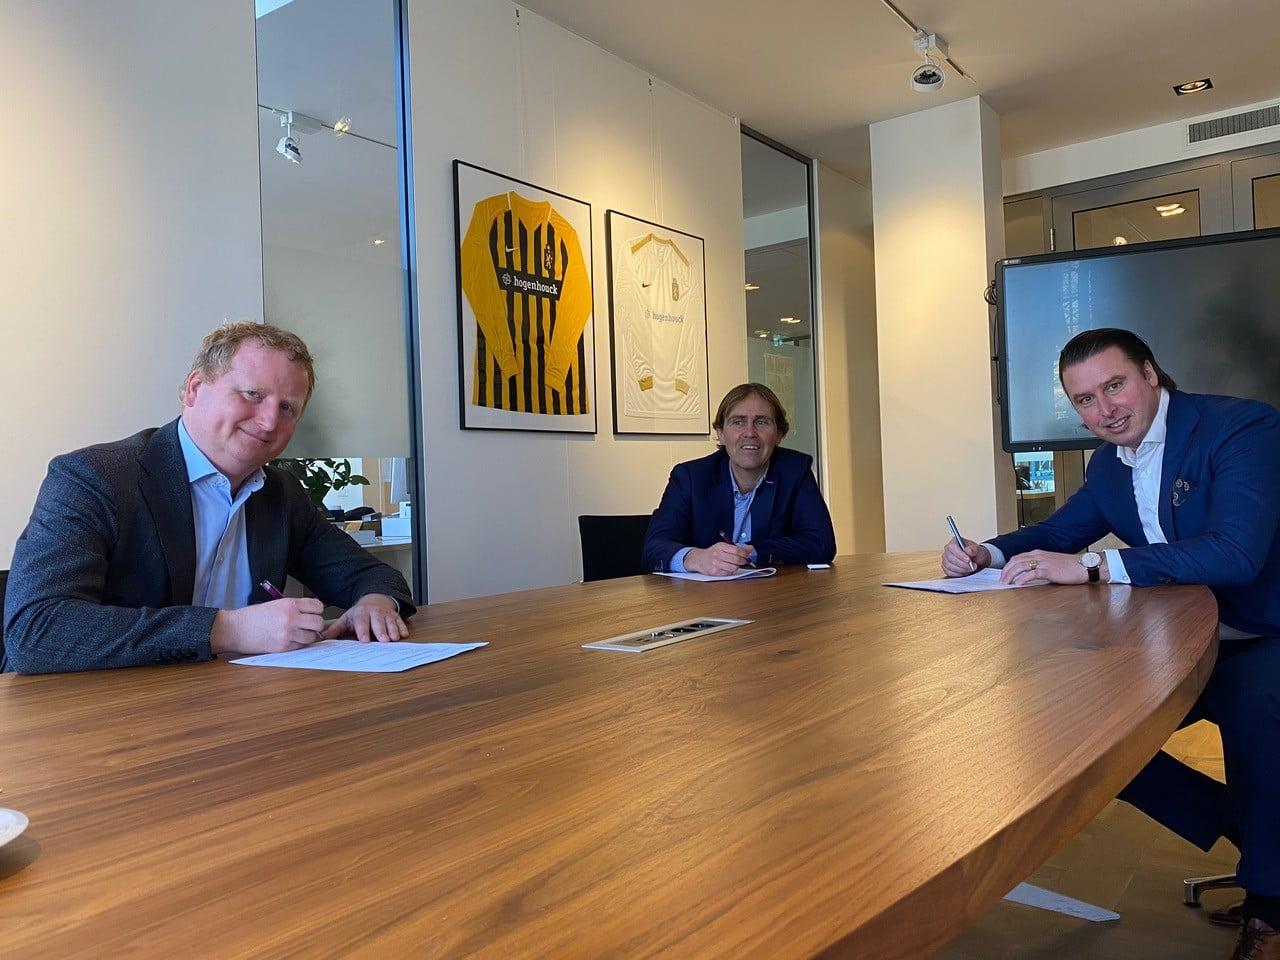 Hogenhouck m&a hernieuwt sponsorcontract met Haagse voetbalclub HVV